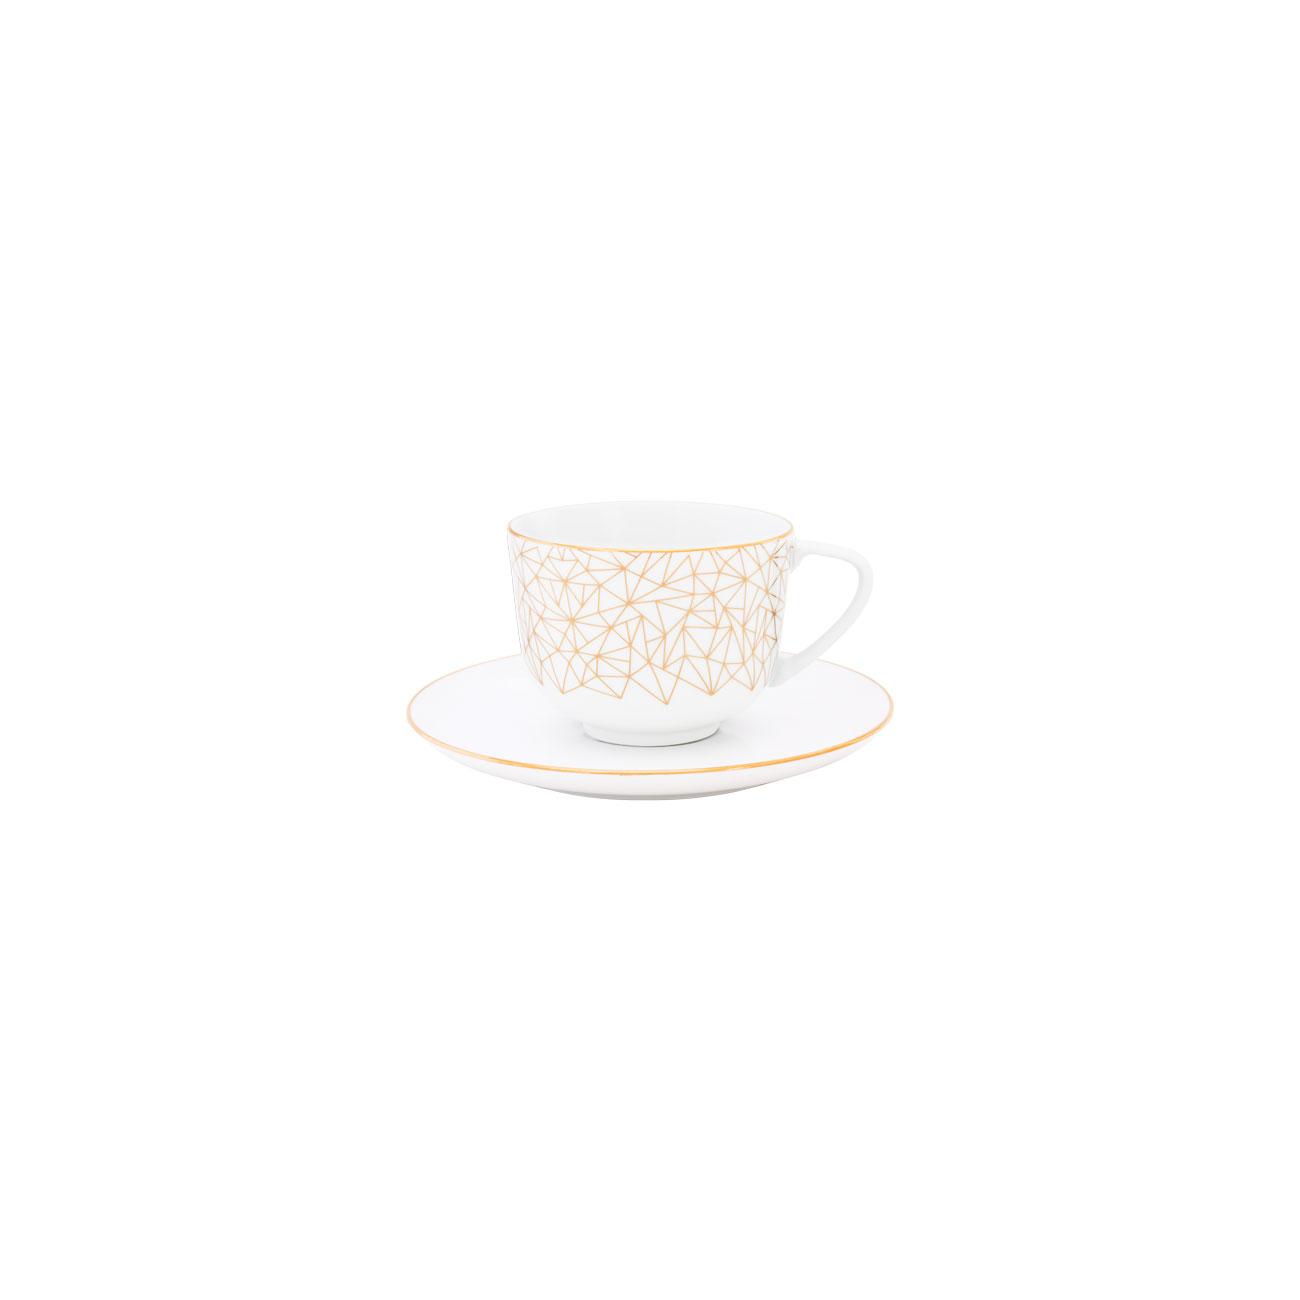 Chávena Chá 28cl Coupe + Pires Chá 15cm Olympus 0